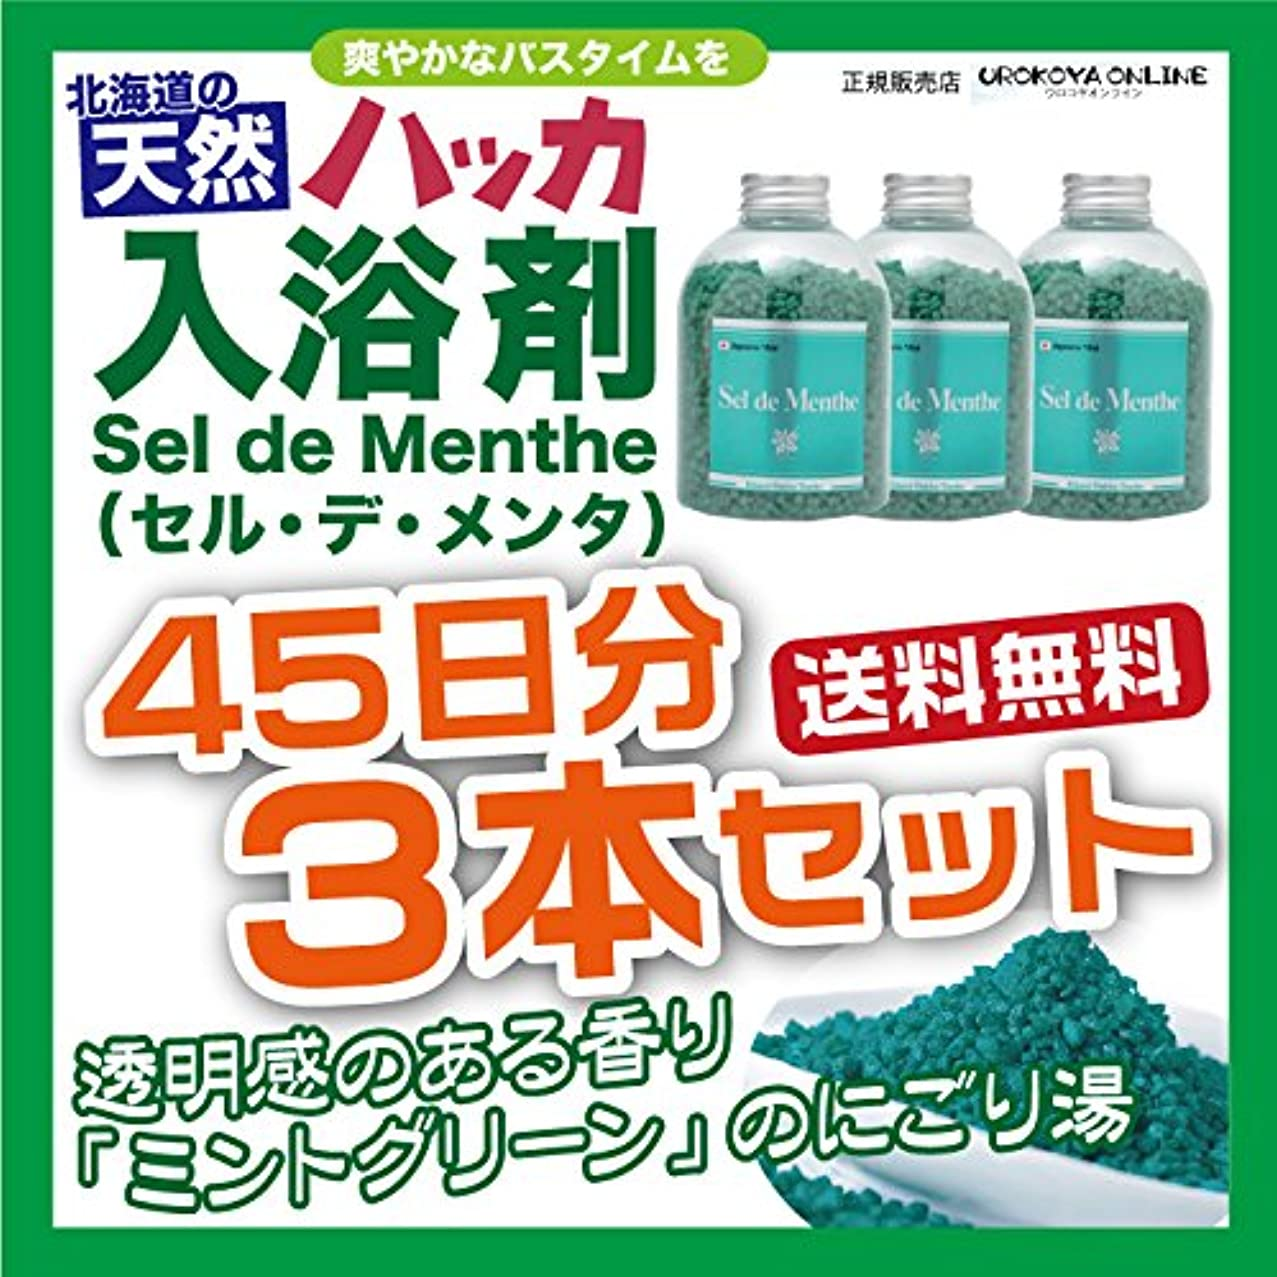 上級気楽な先入観【3本セット】北見ハッカ通商 入浴剤Sel de Menthe(セル?デ?メンタ)徳用ボトル 3本セット 1350g